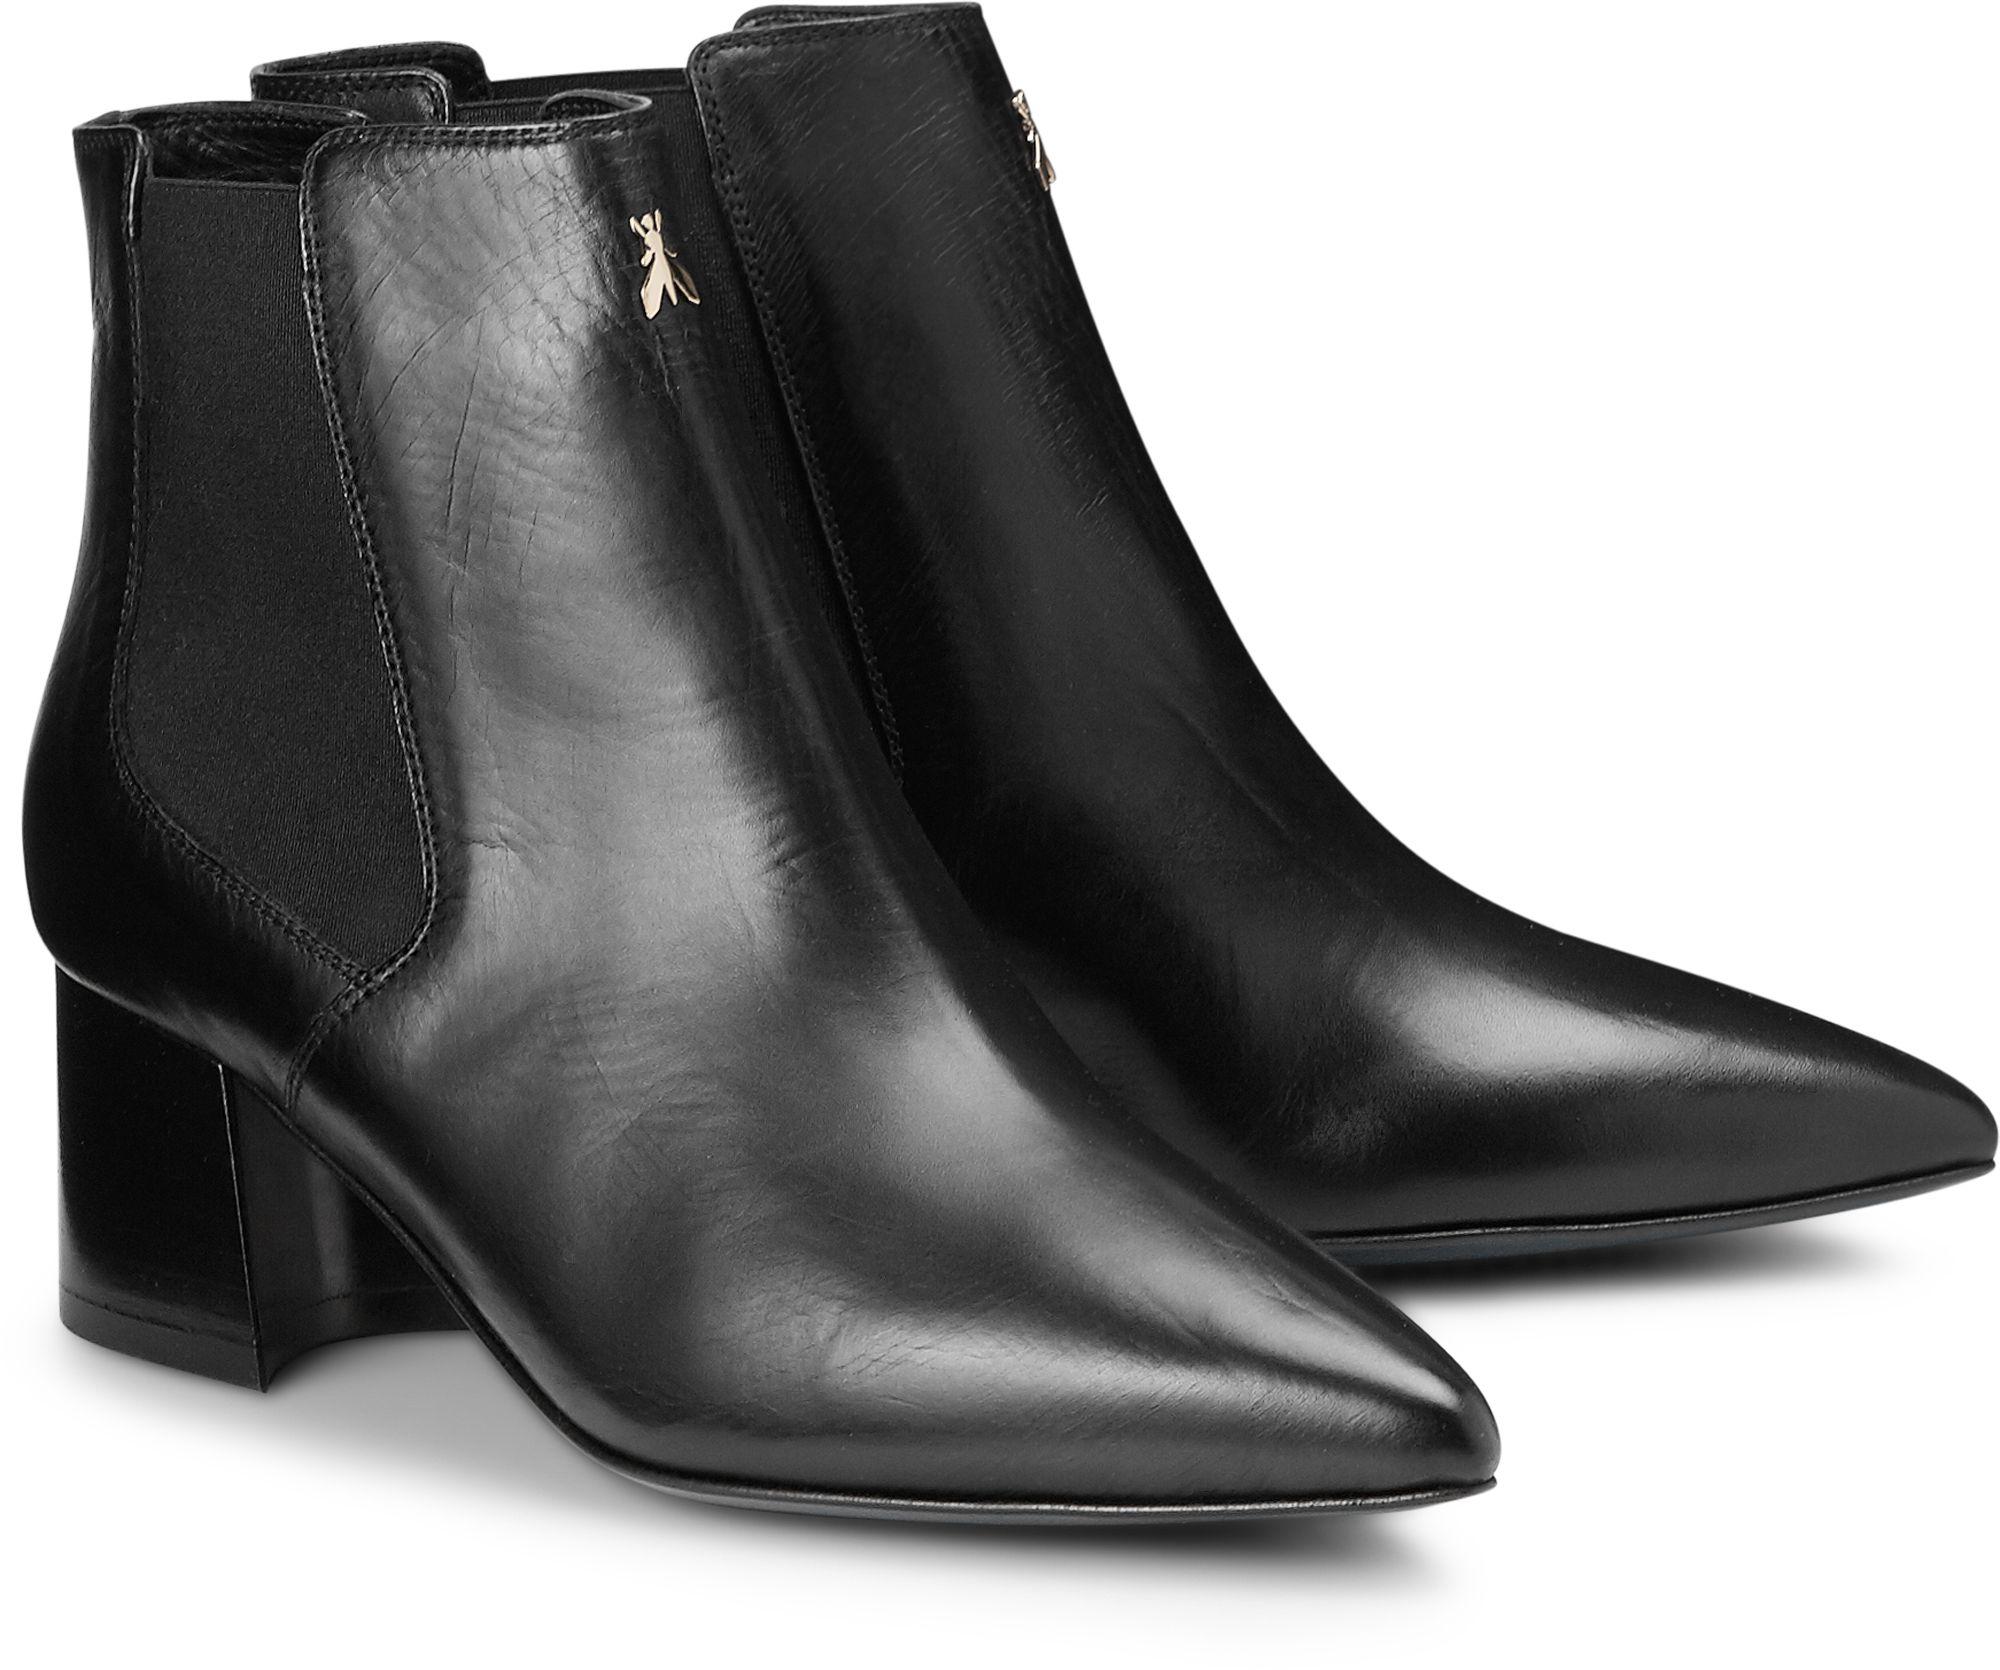 Chelsea Stiefelette von Patrizia Pepe in schwarz für Damen. Gr. 36,37,37,5,38,38,5,39,40